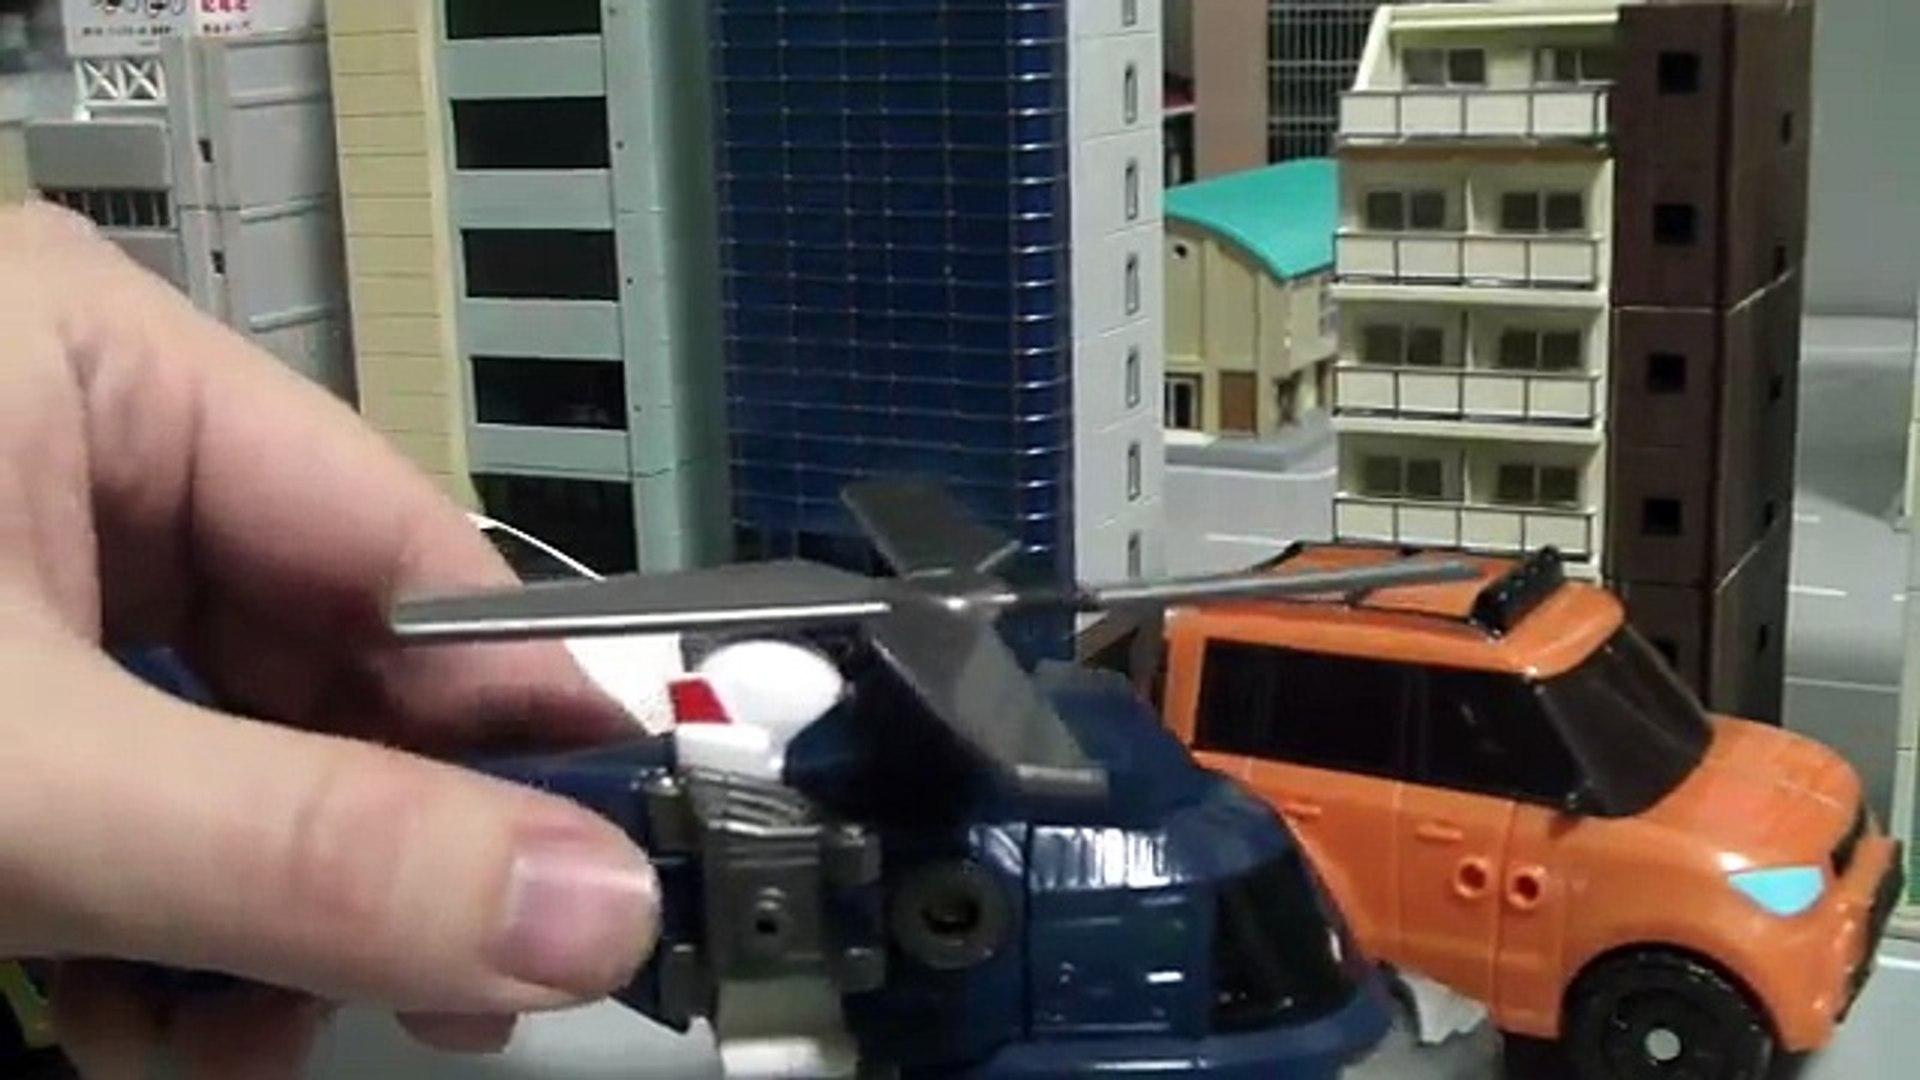 2010 автомобиль Мини Игрушки трансформеры ху Ttobot игрушка ttobot Mini 10 с, д, т, W, X, Y, Z приключения продуктов робот автомобиль трансформировали tobot